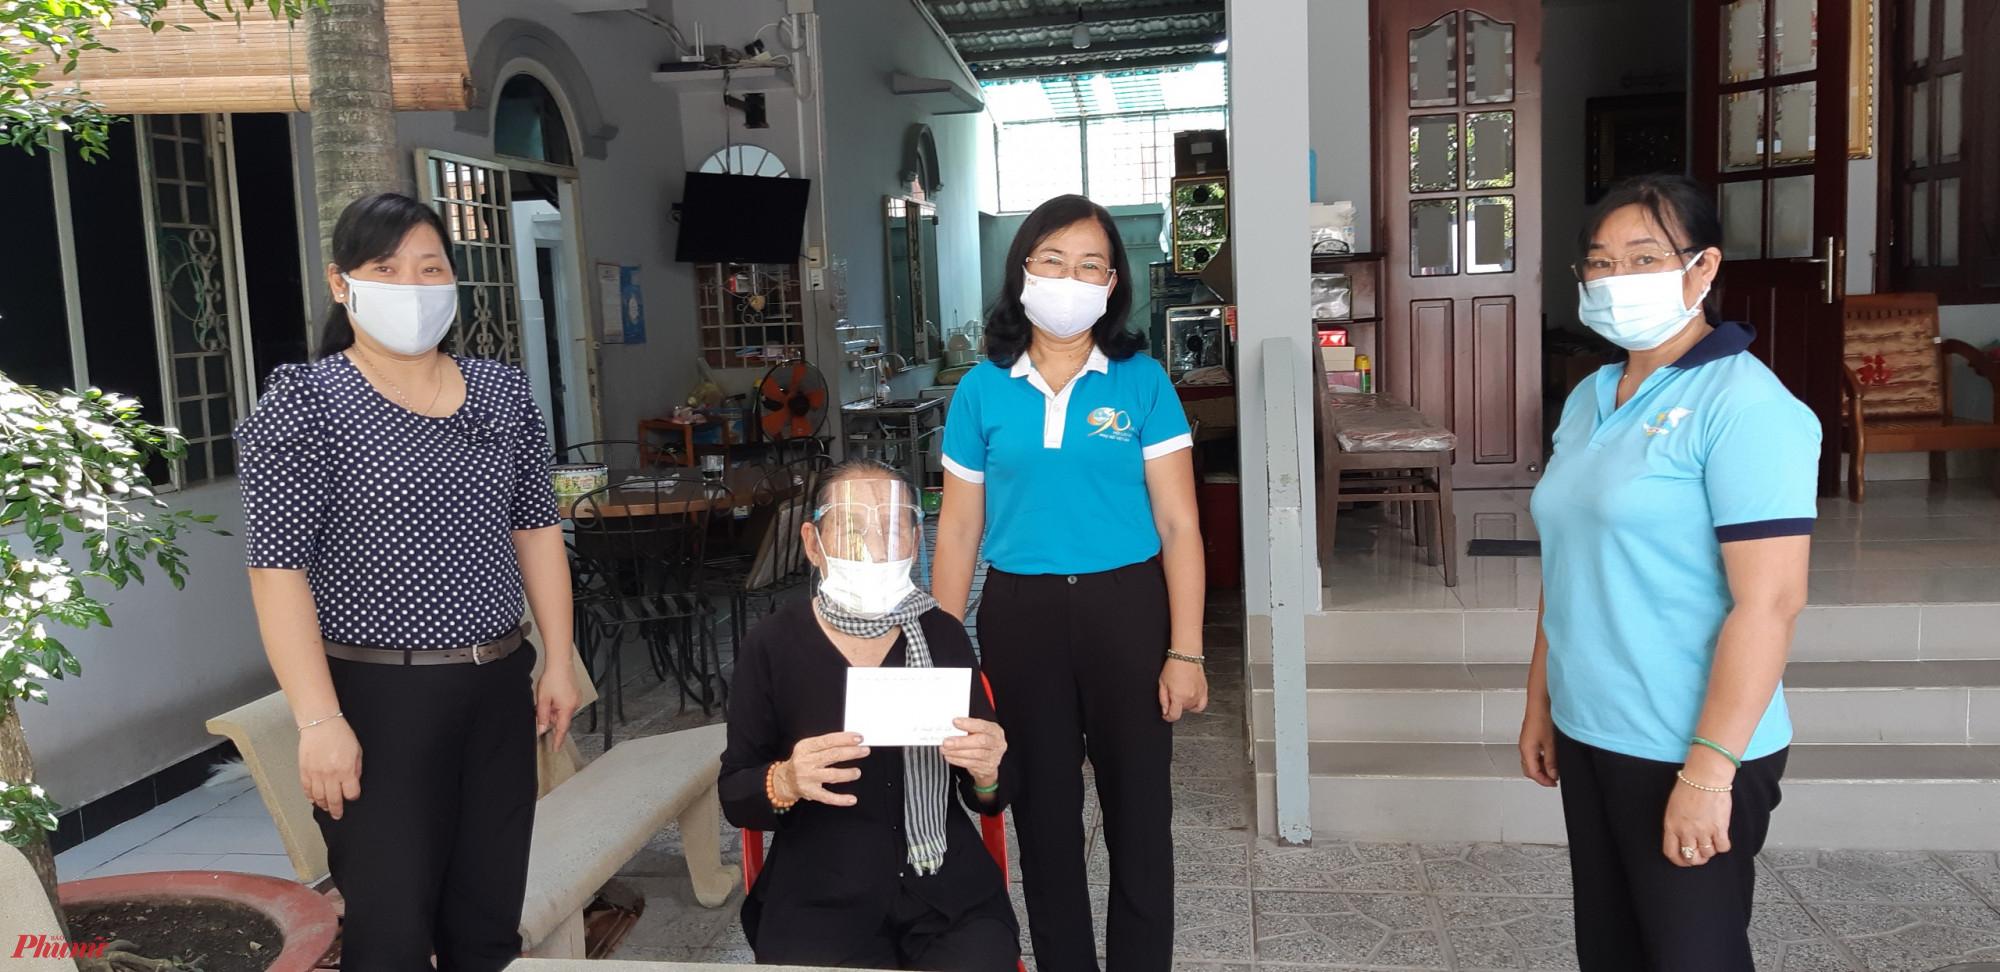 Bà Đỗ Thị Chánh đến thăm gia đình bà Nguyễn Thị Cát, quận 12.